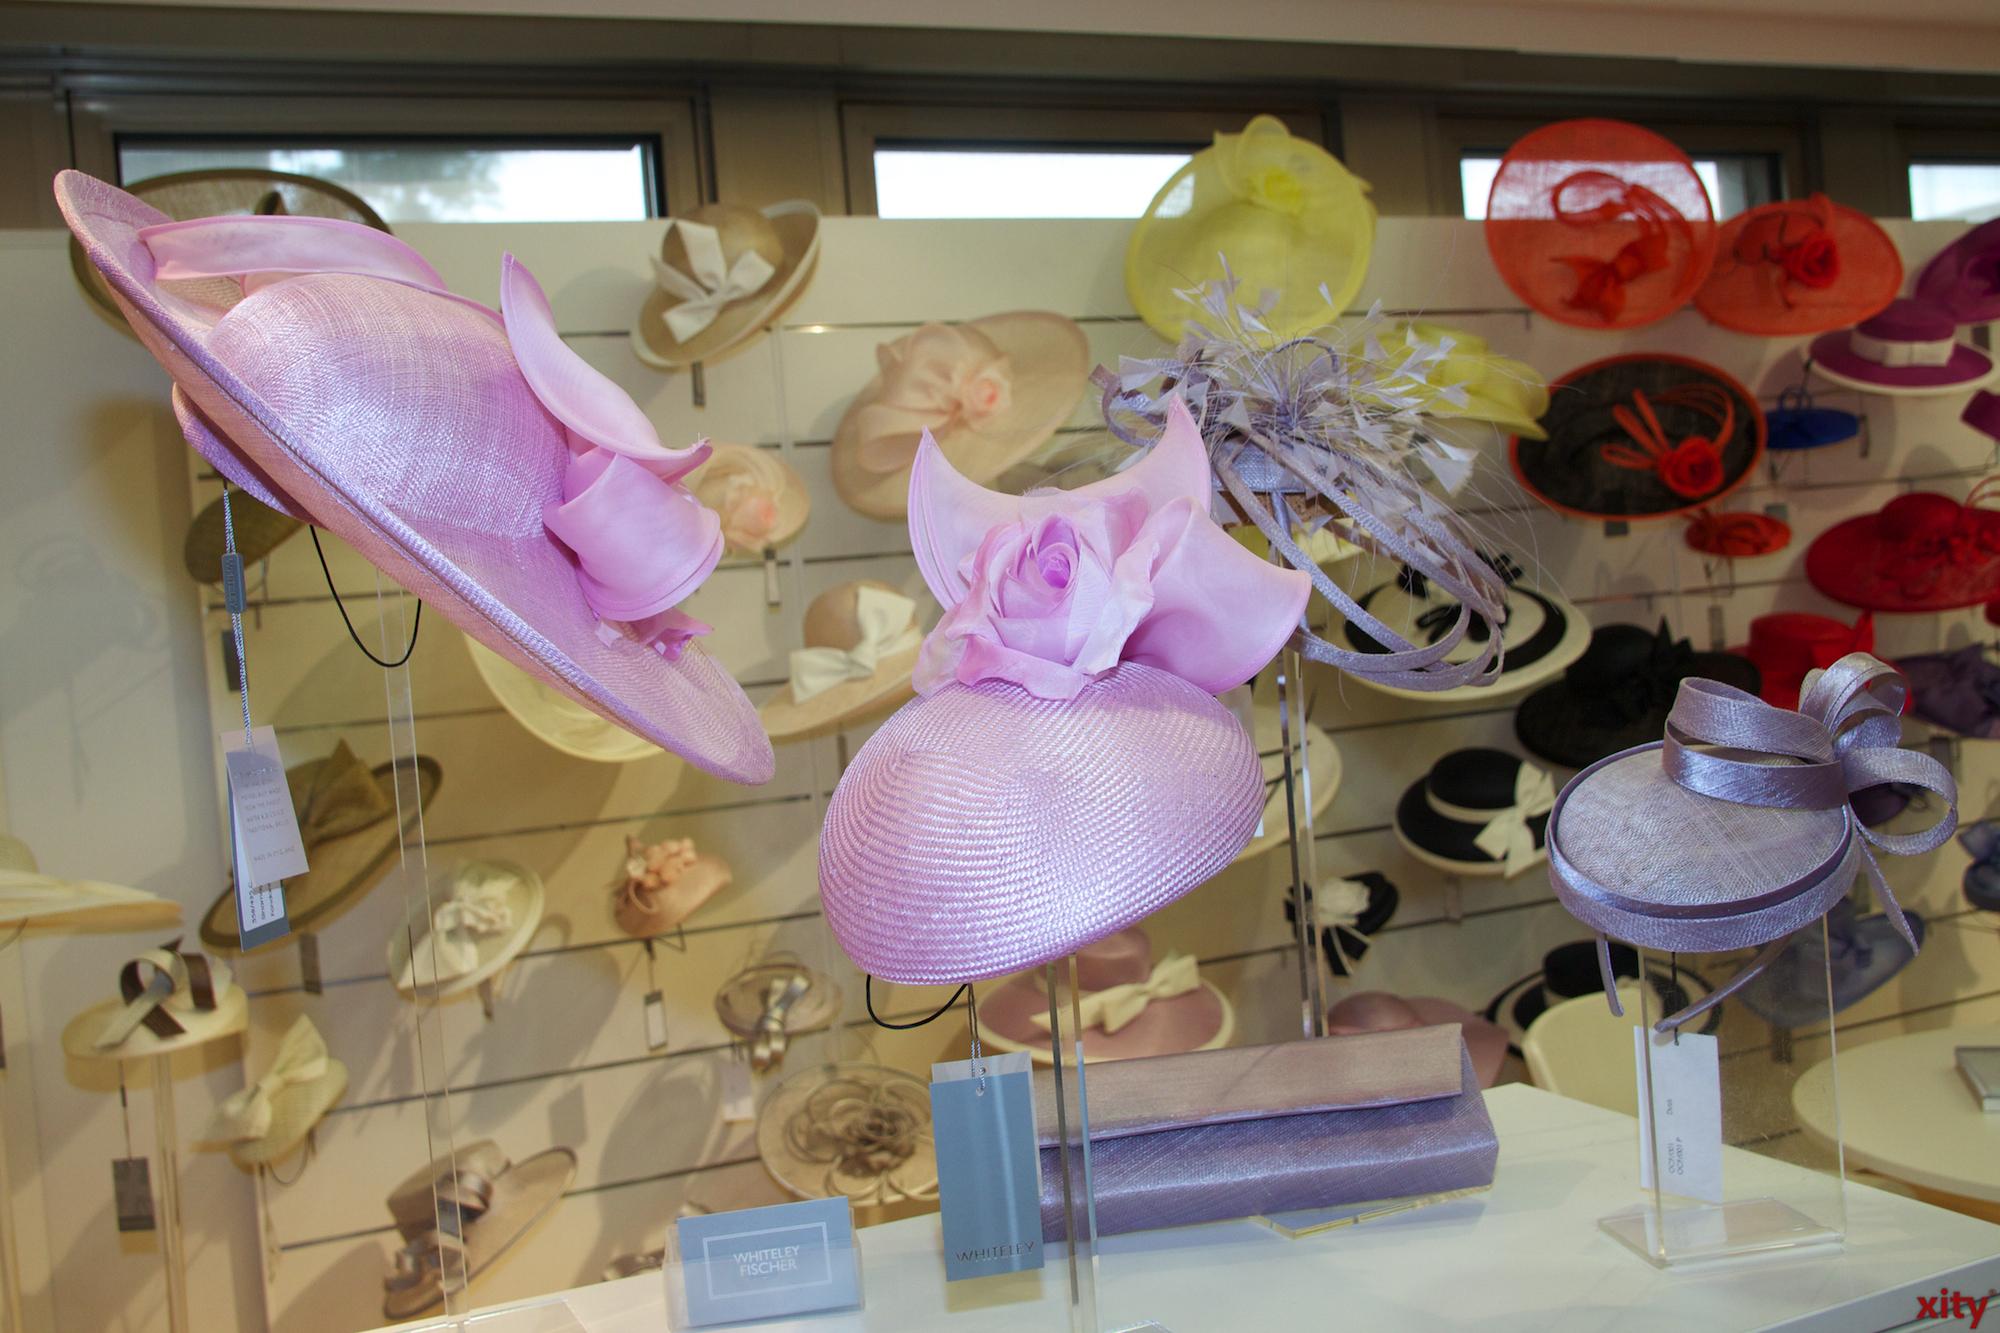 Auch bei festlichen Hüten werden die neusten Trends präsentiert. (Foto: xity)